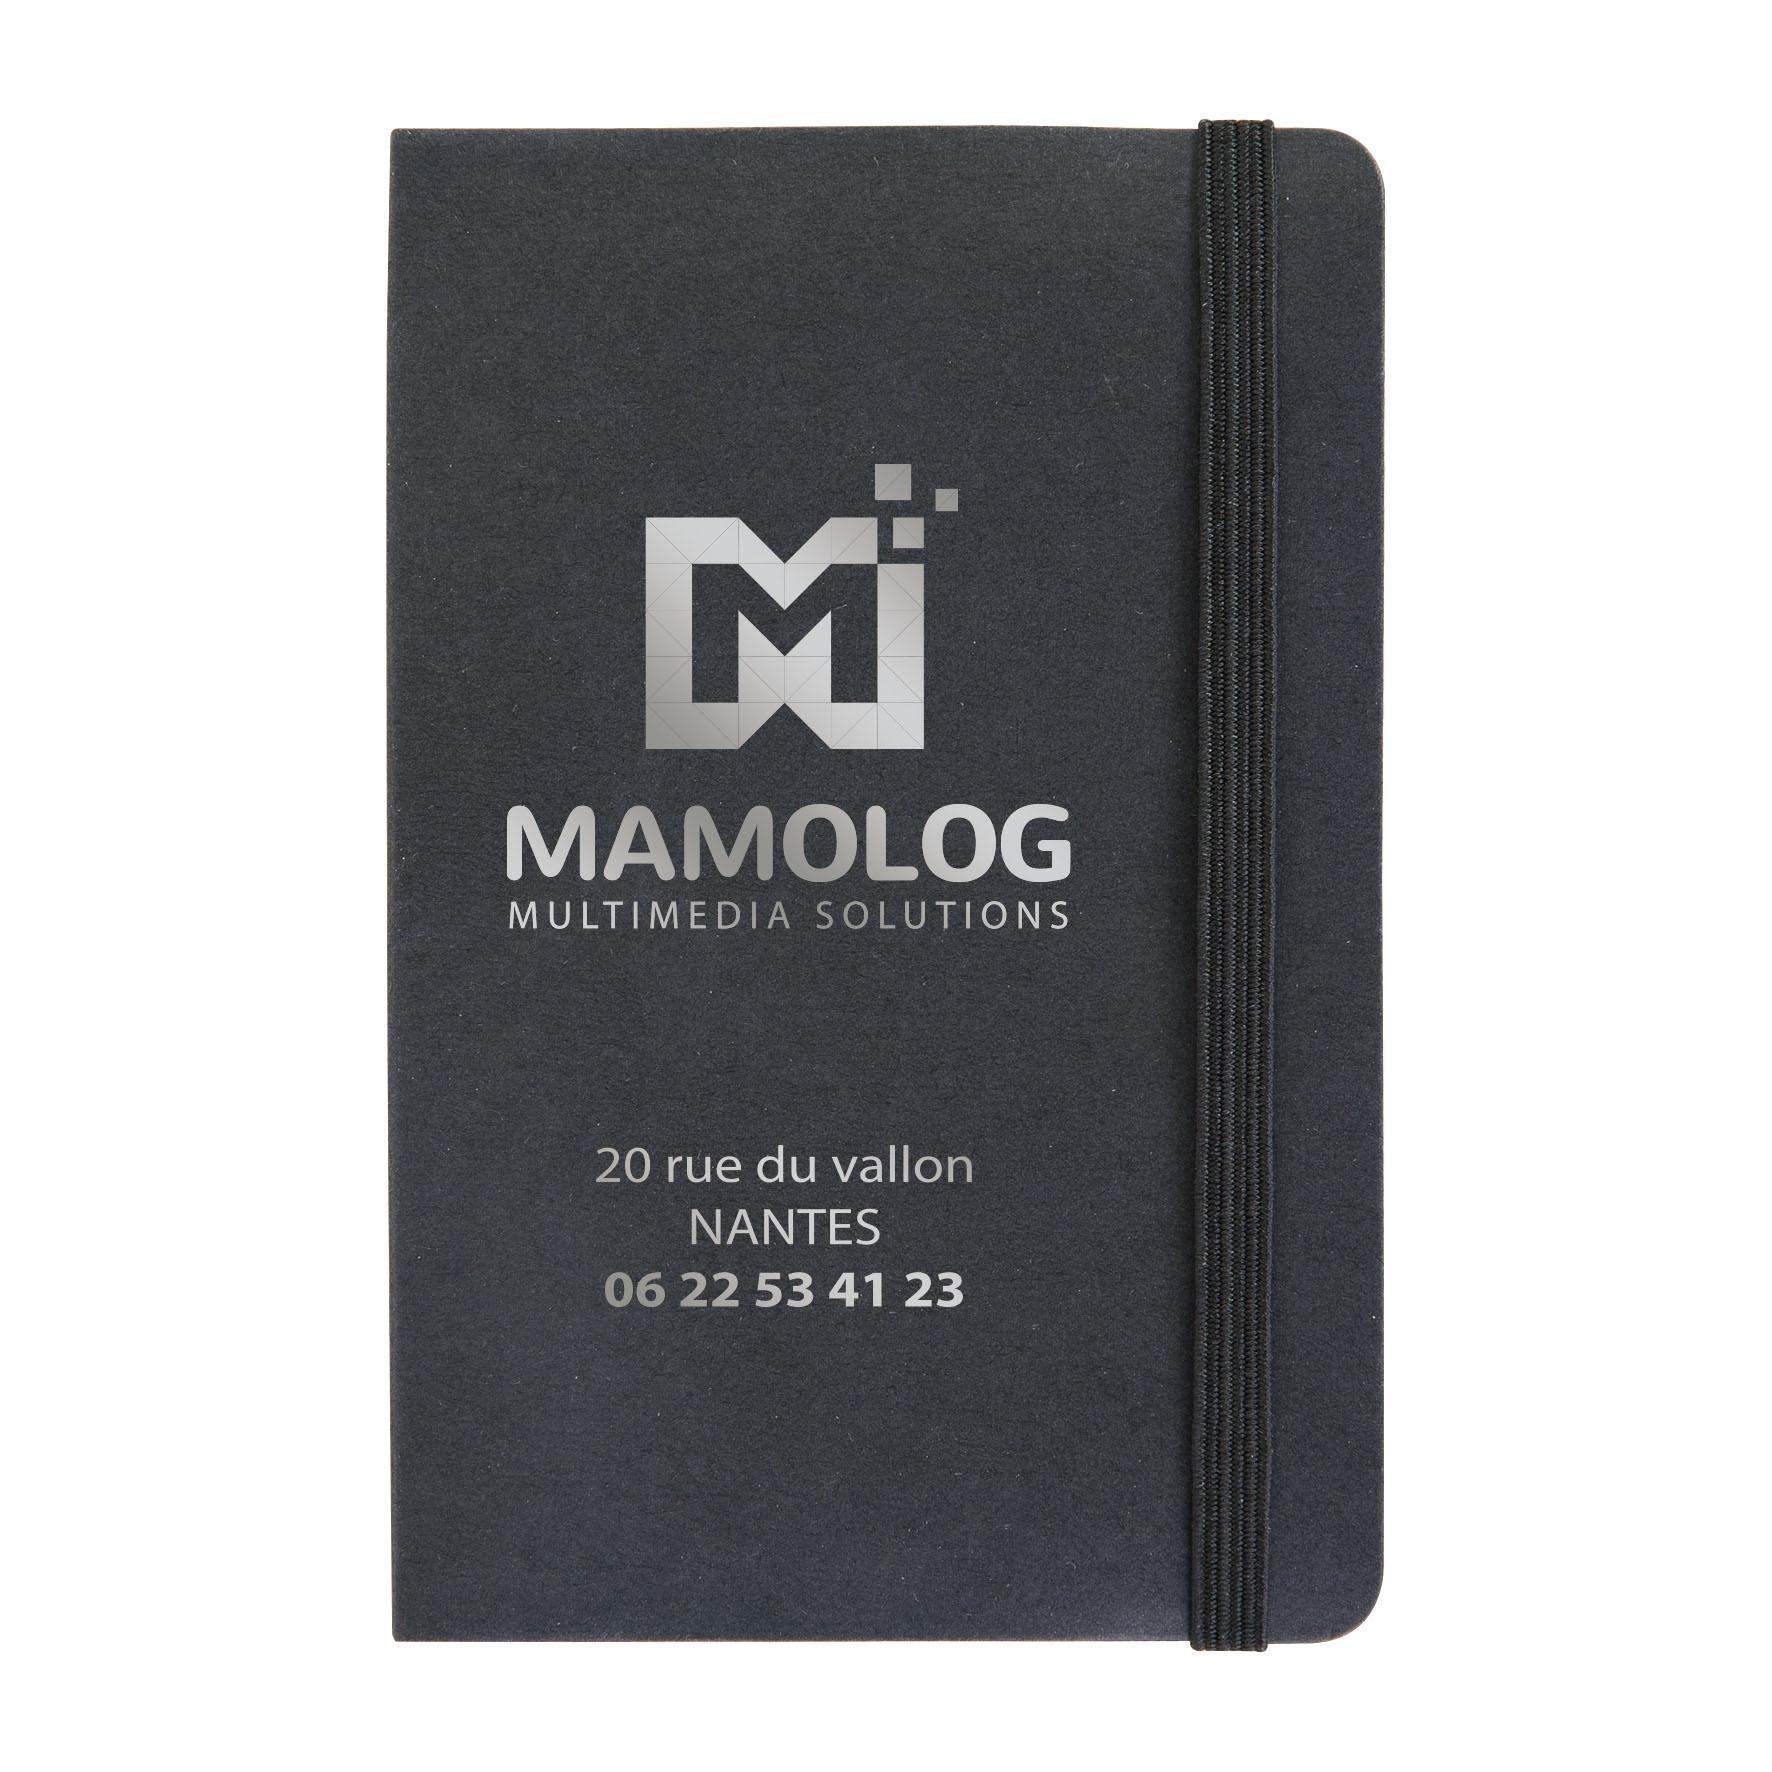 Bloc-notes mémo personnalisable - Porte-carte et adhésifs Buro - noir